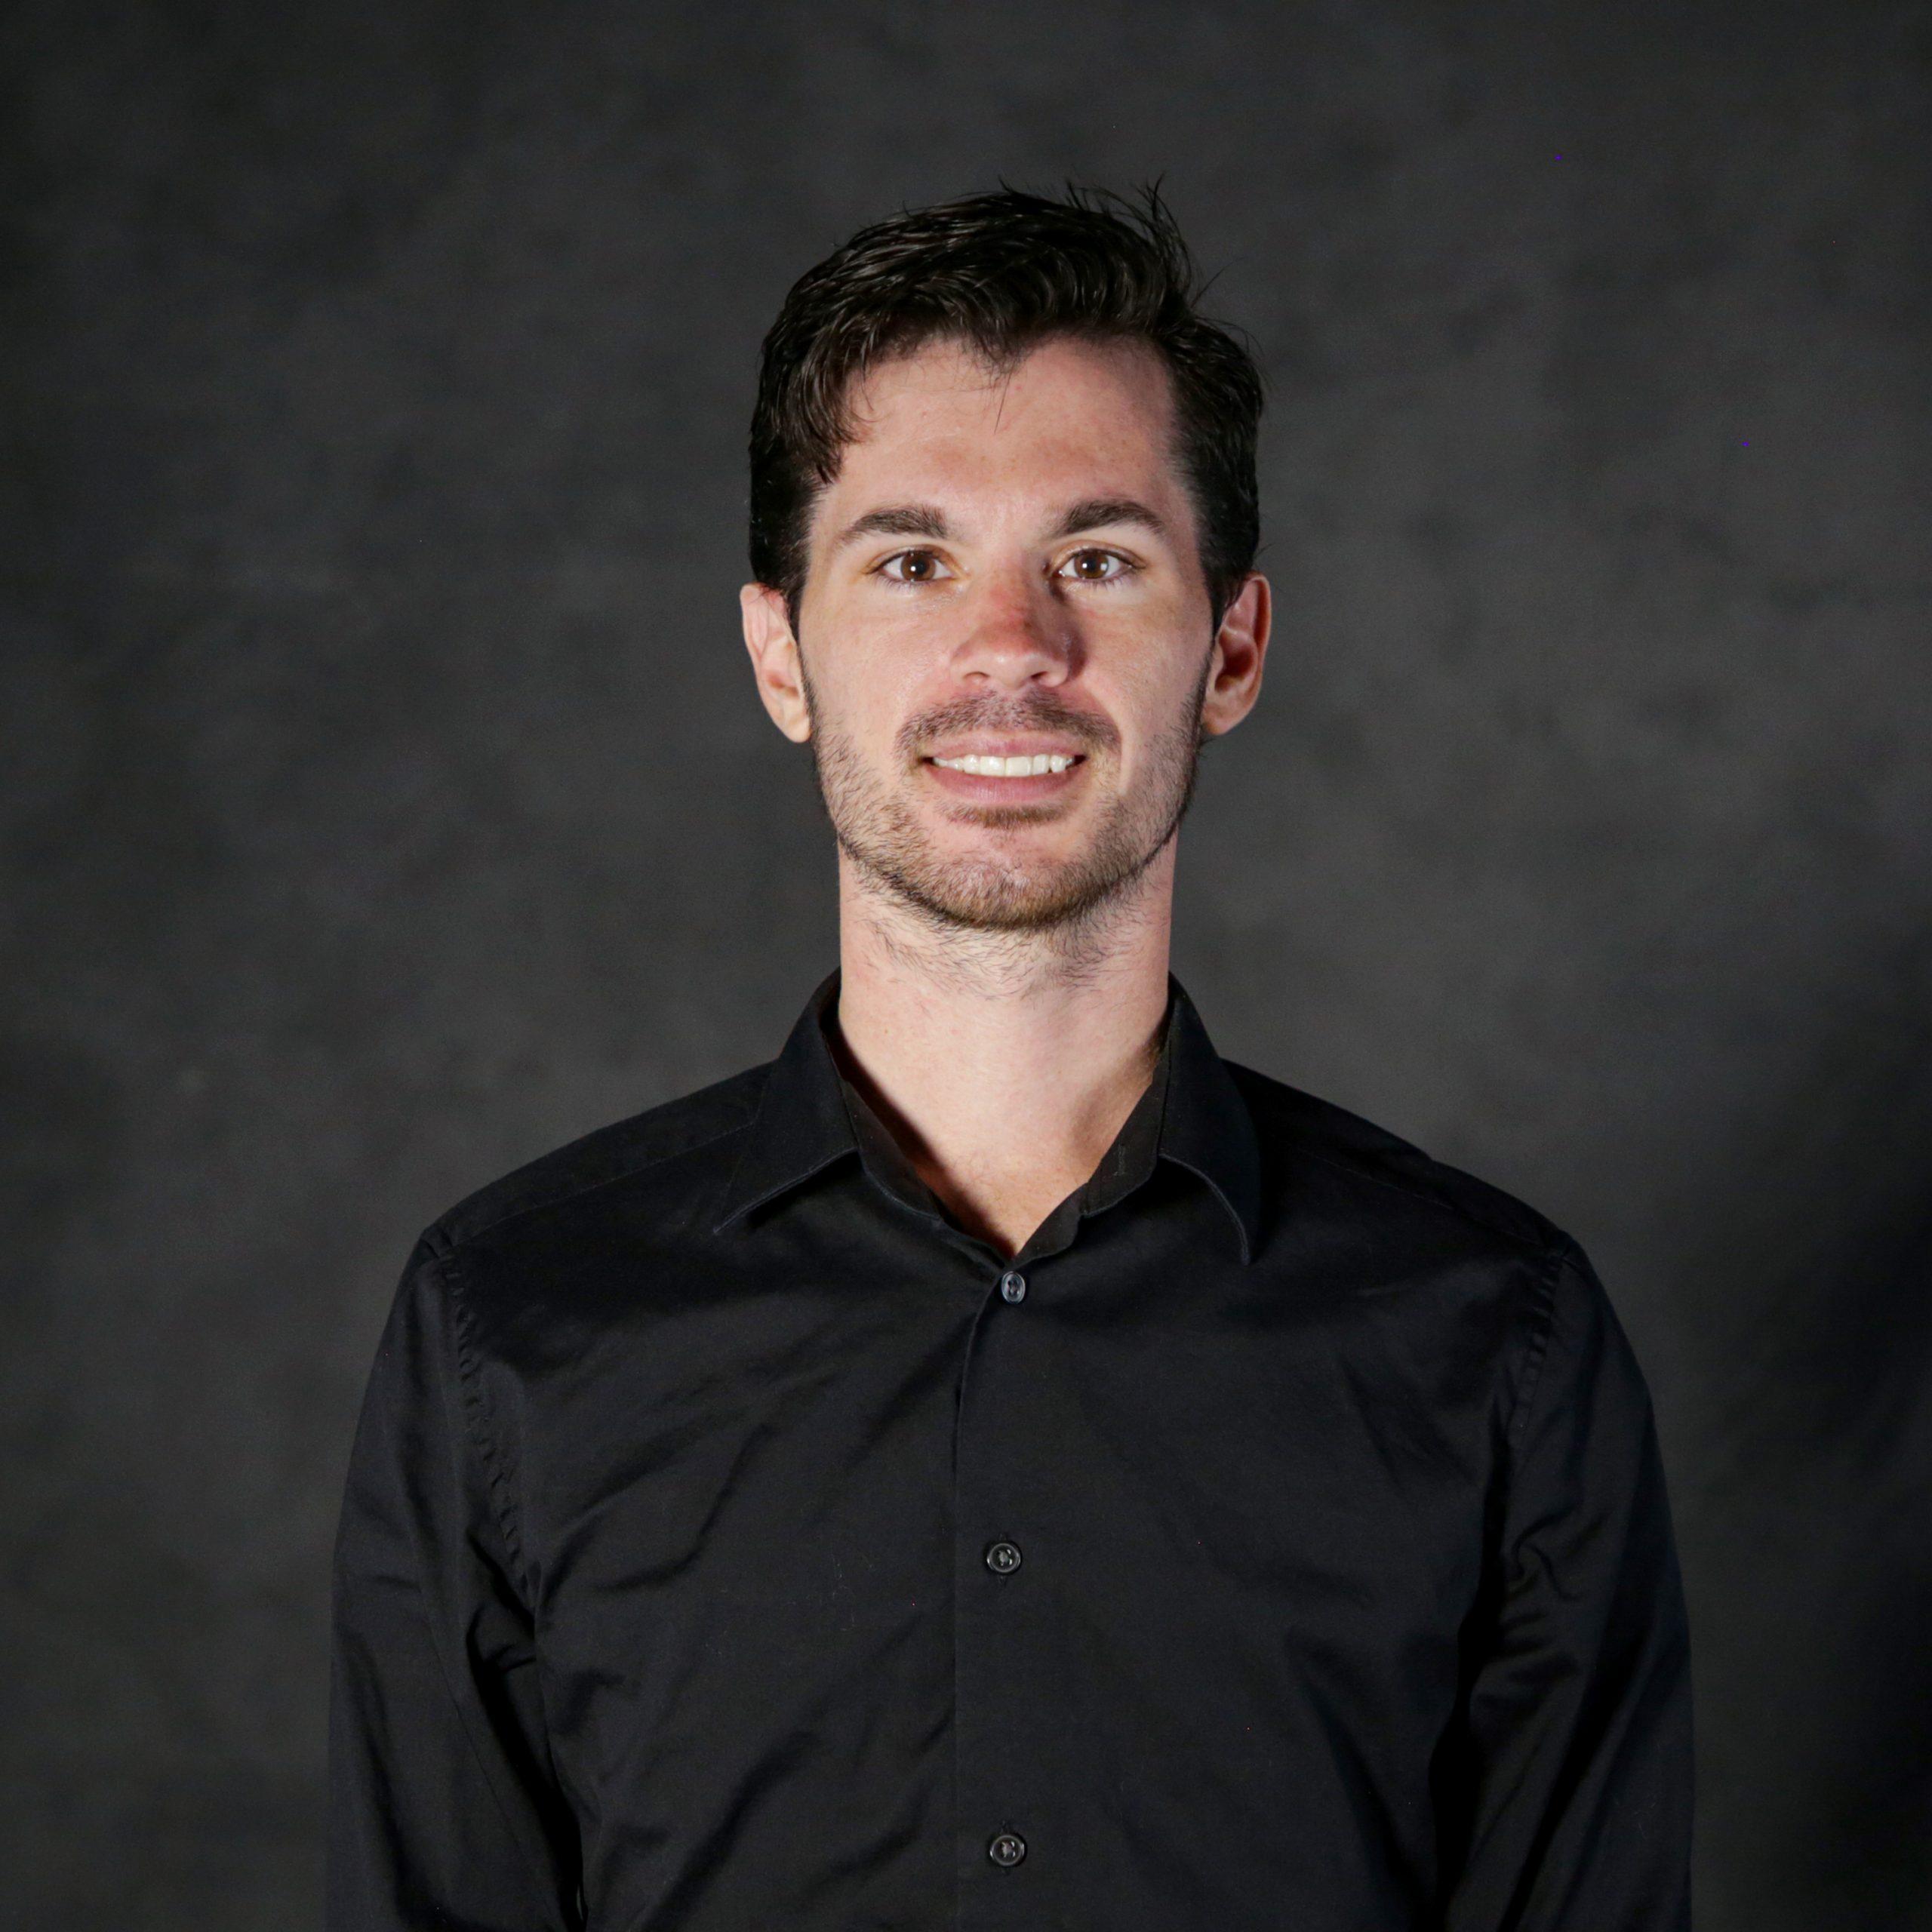 Matthew Mullin